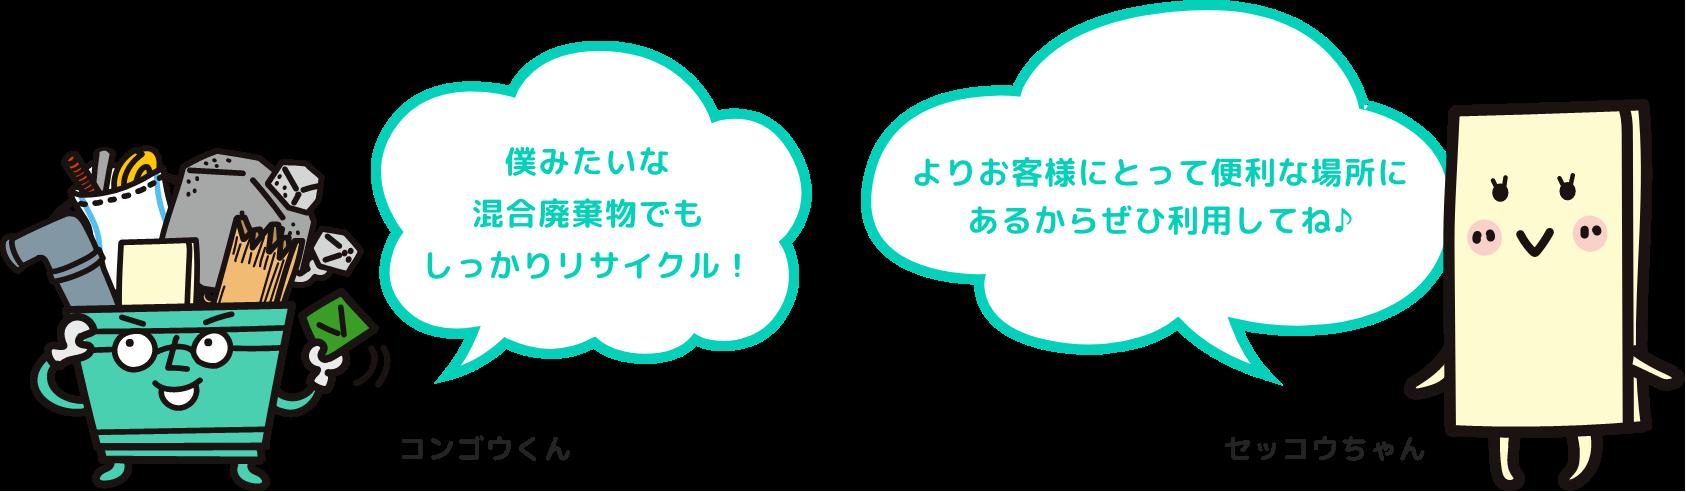 神奈川県⻄湘エリアの新たなリサイクル拠点